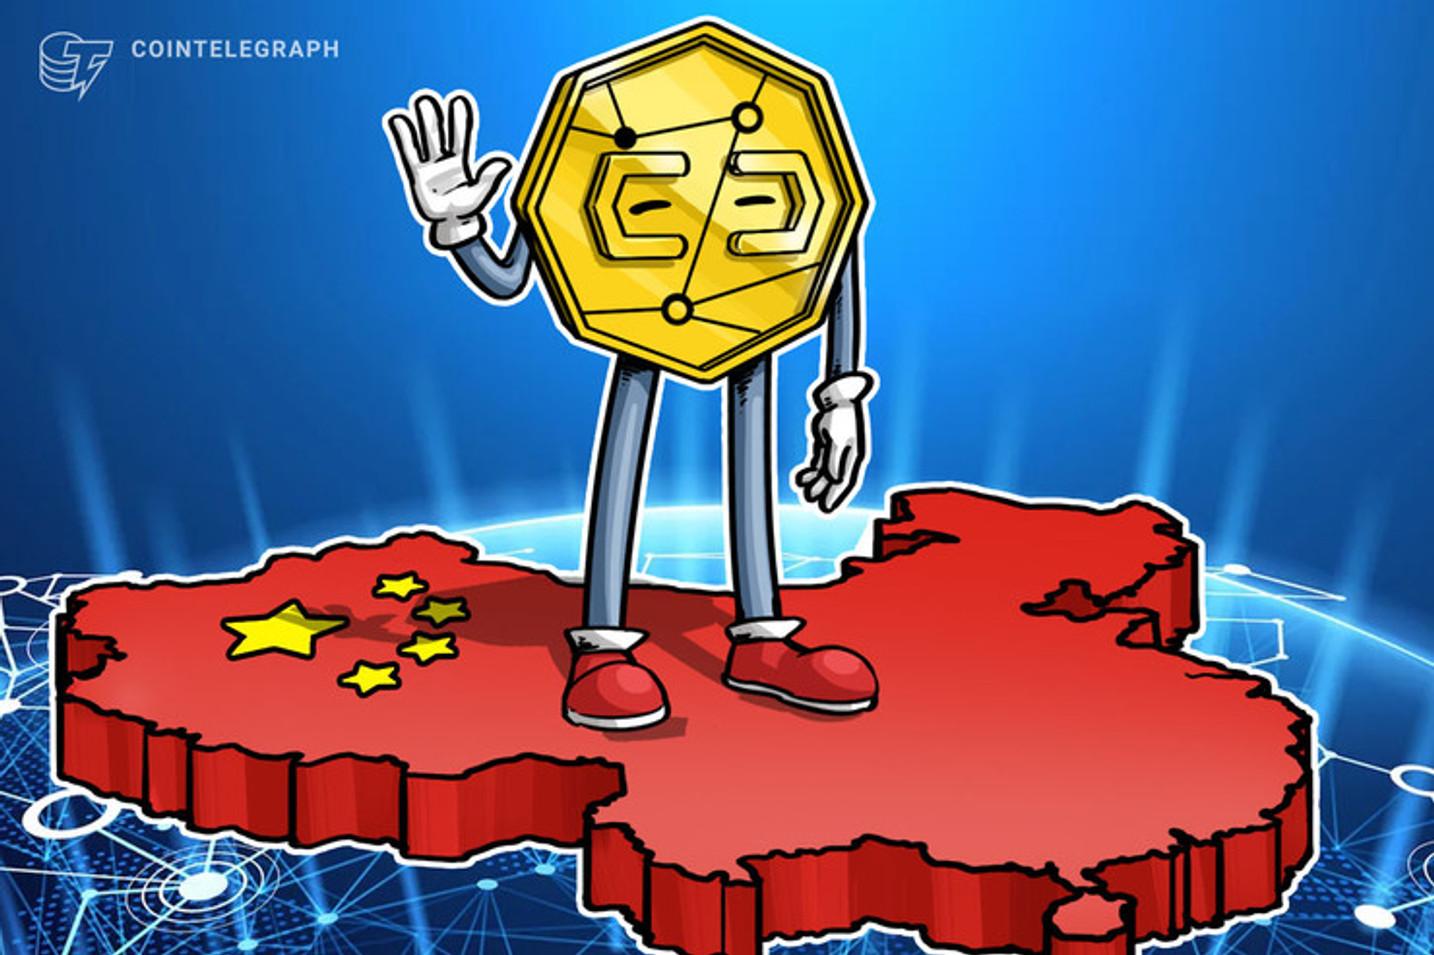 El futuro de Bitcoin en la Nueva China